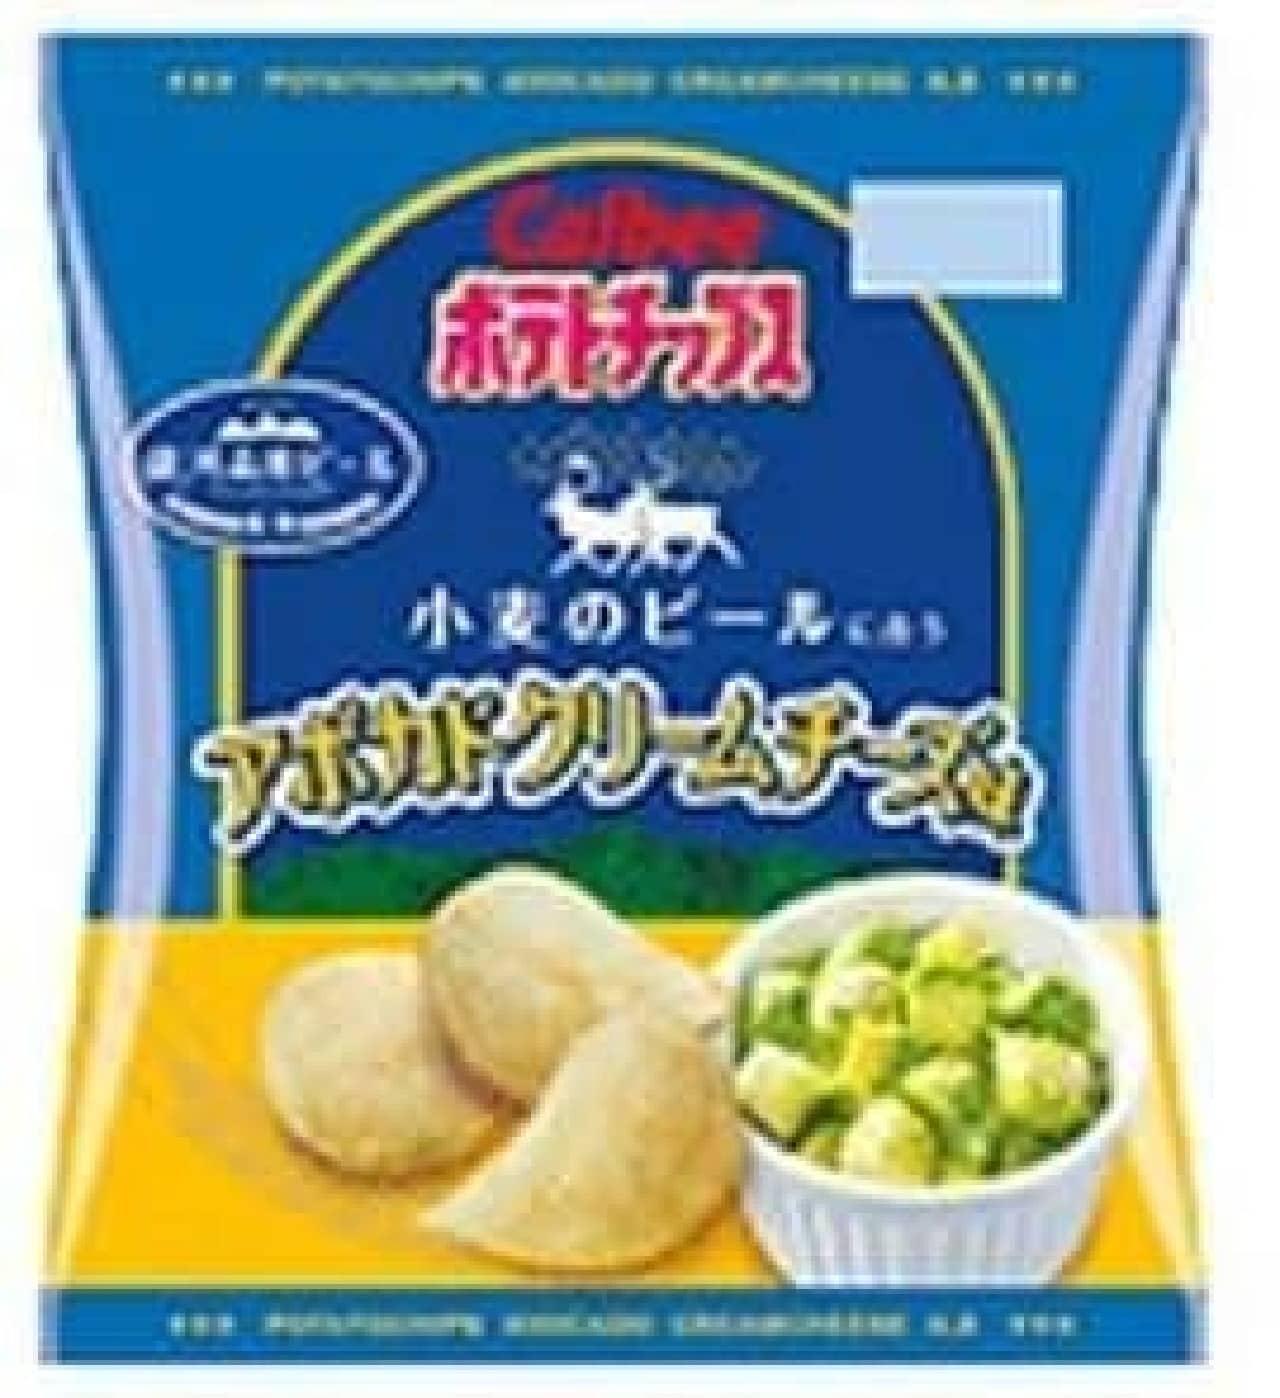 数量&期間限定!  「ポテトチップス アボカドクリームチーズ味」